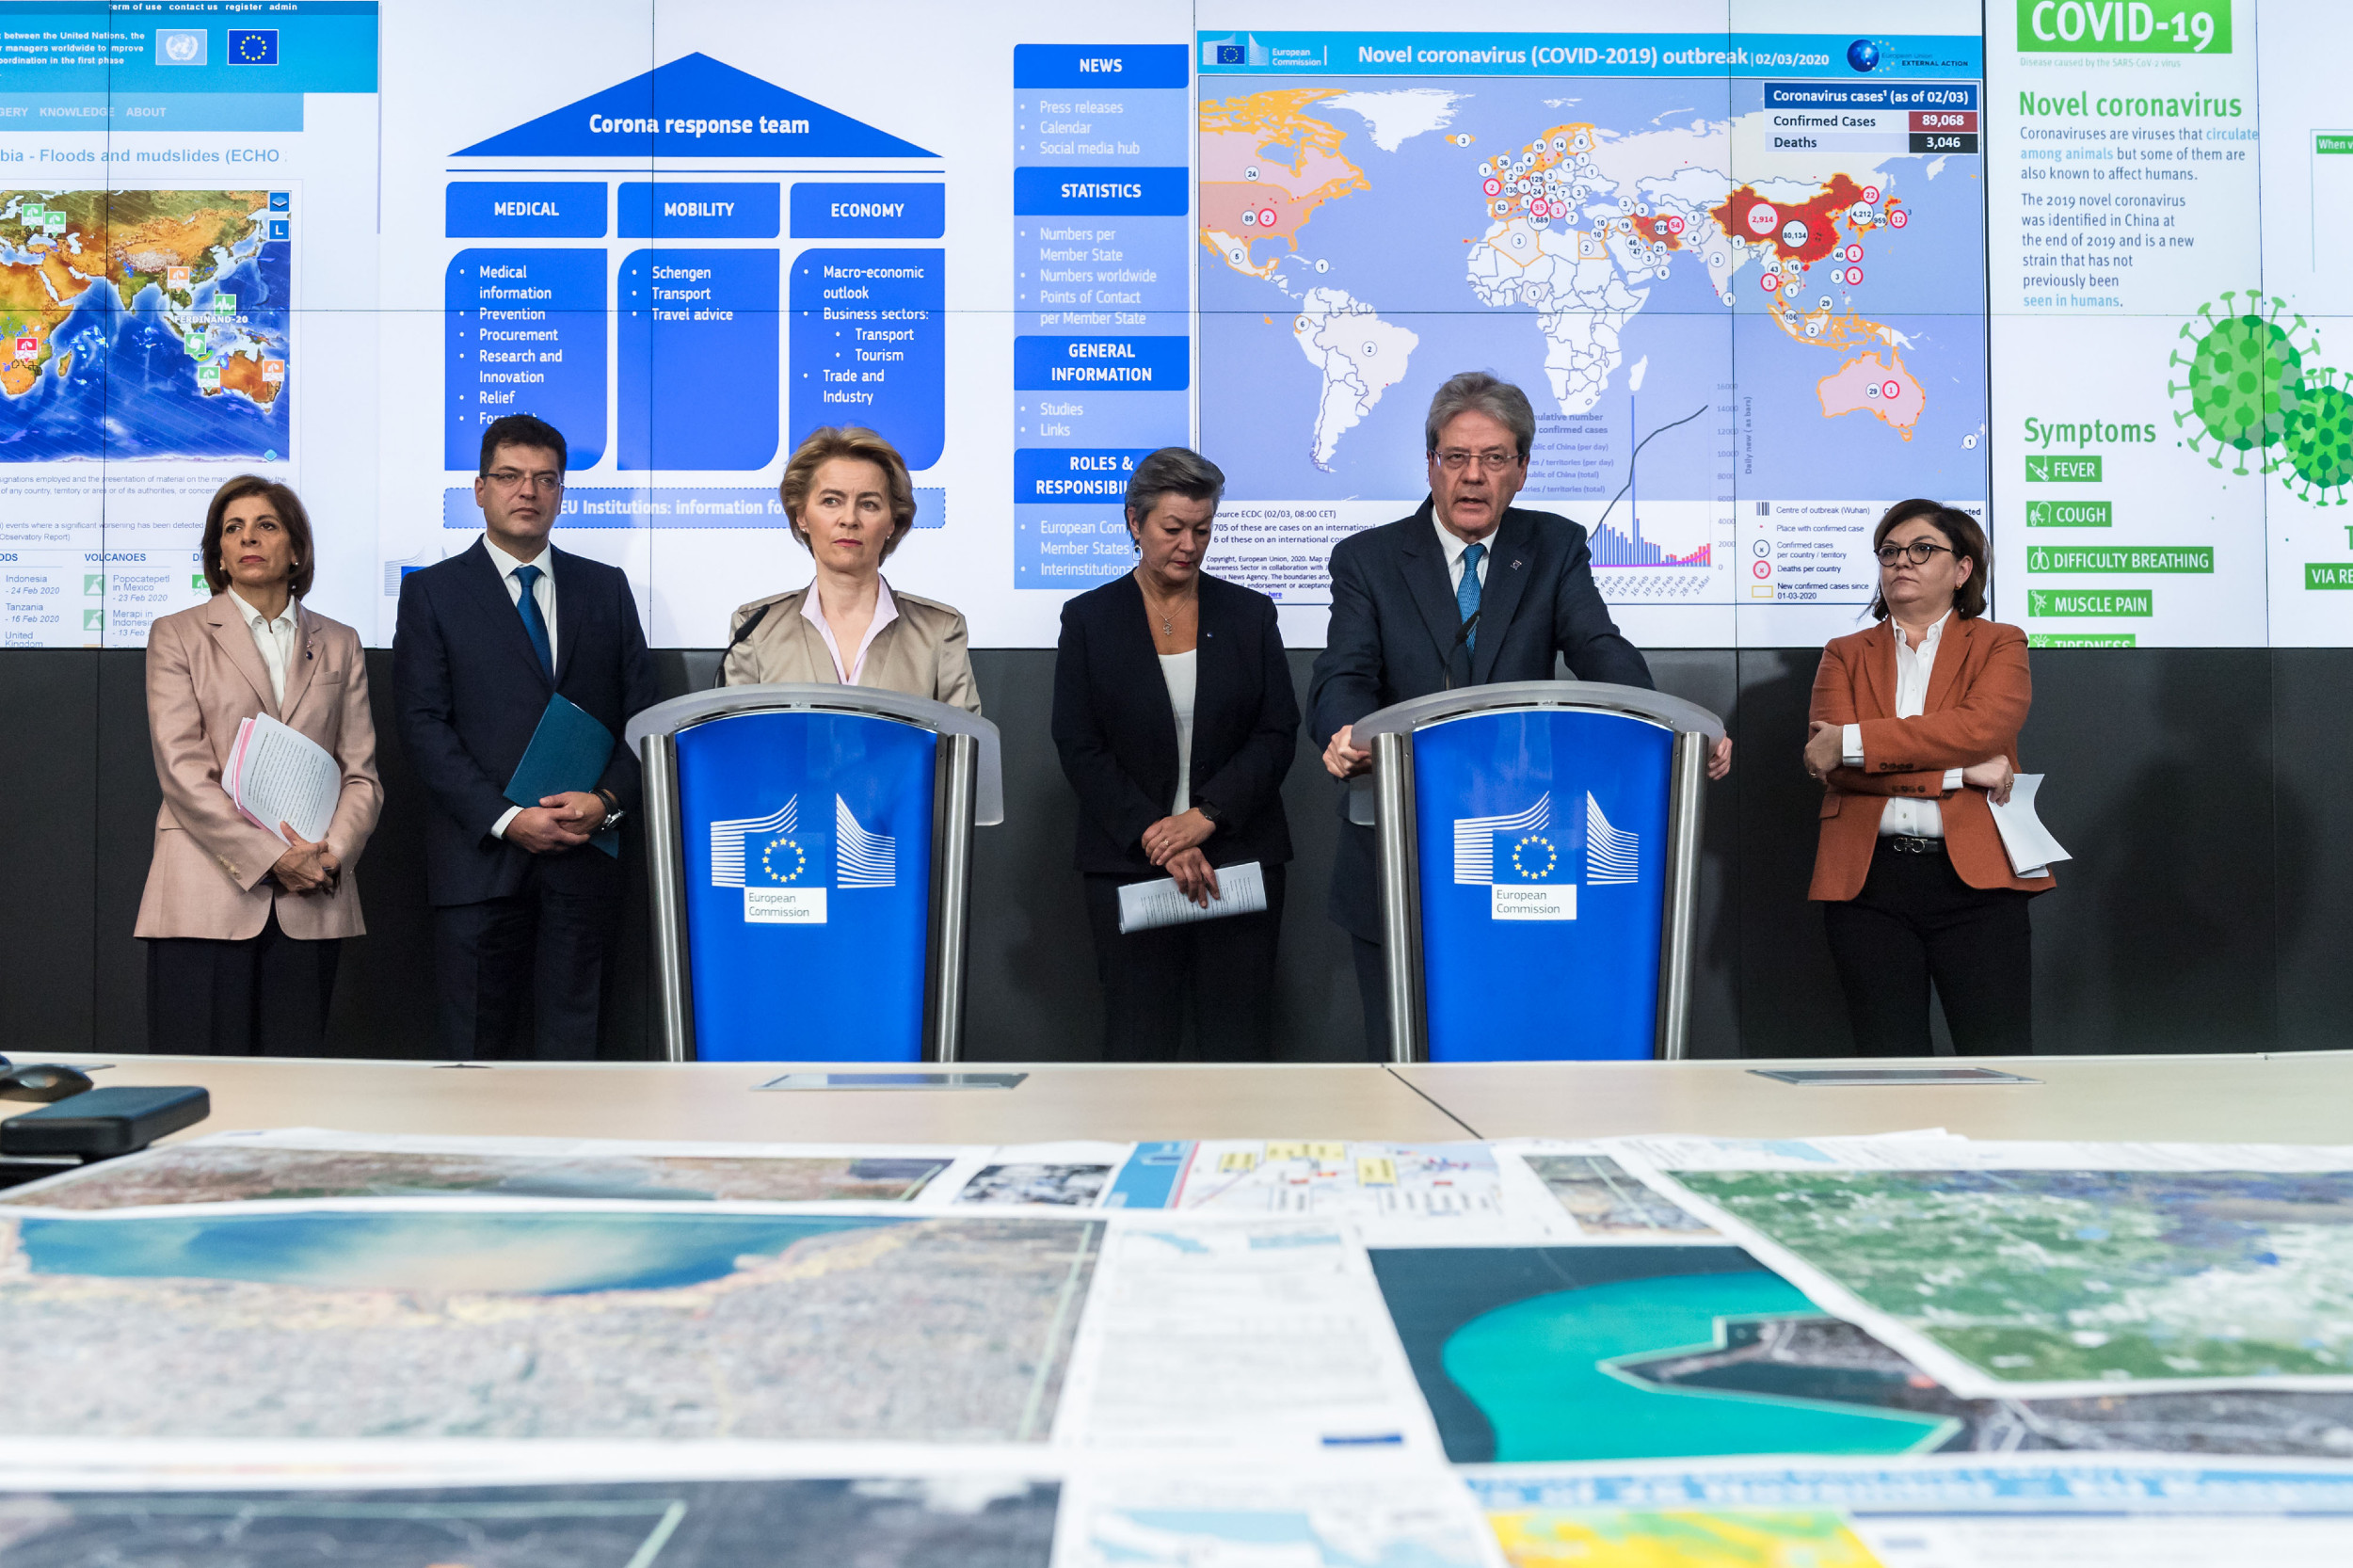 Чланови Тима ЕУ за одговор на коронавирус током конференције за медије, Брисел, 02. март 2020. (Фото: Geert Vanden Wijngaert/Bloomberg)